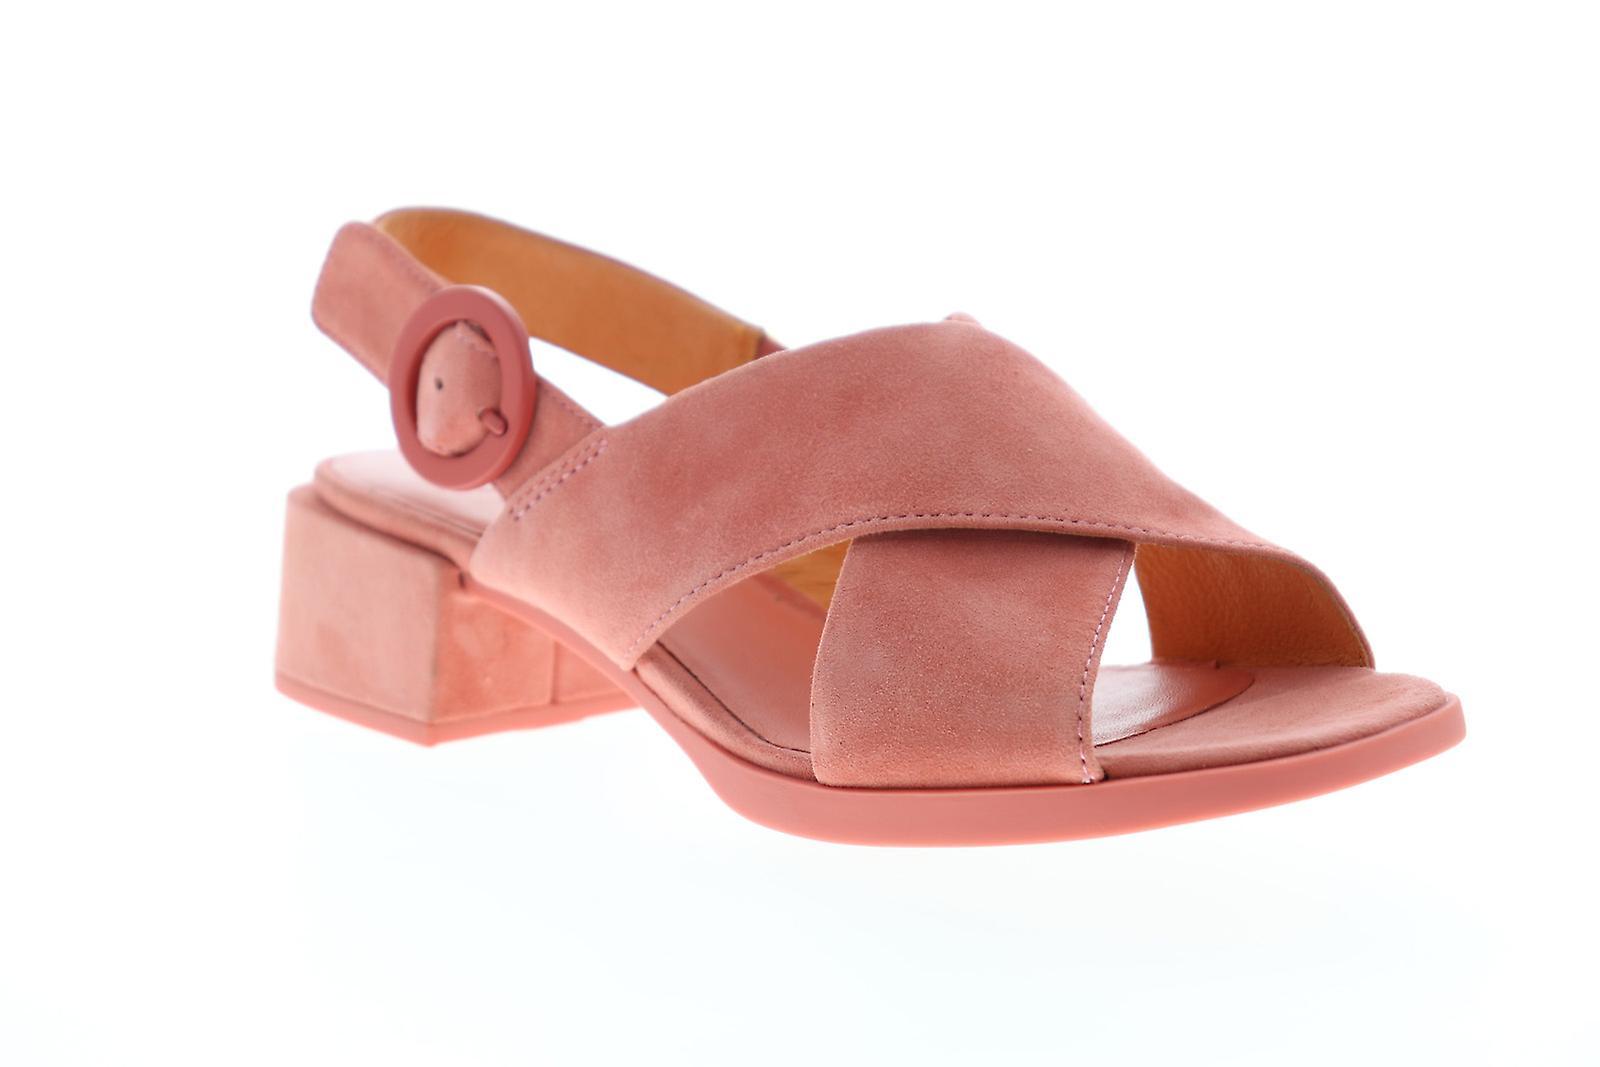 Camper Kobo Sandały Damskie Różowe Zamsz Slingback Sandały Buty r24SF